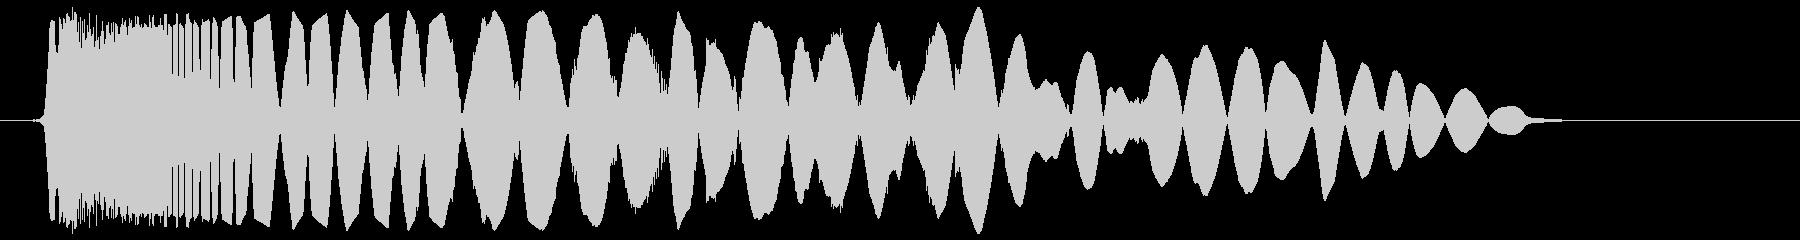 チュイン(発射の音)の未再生の波形